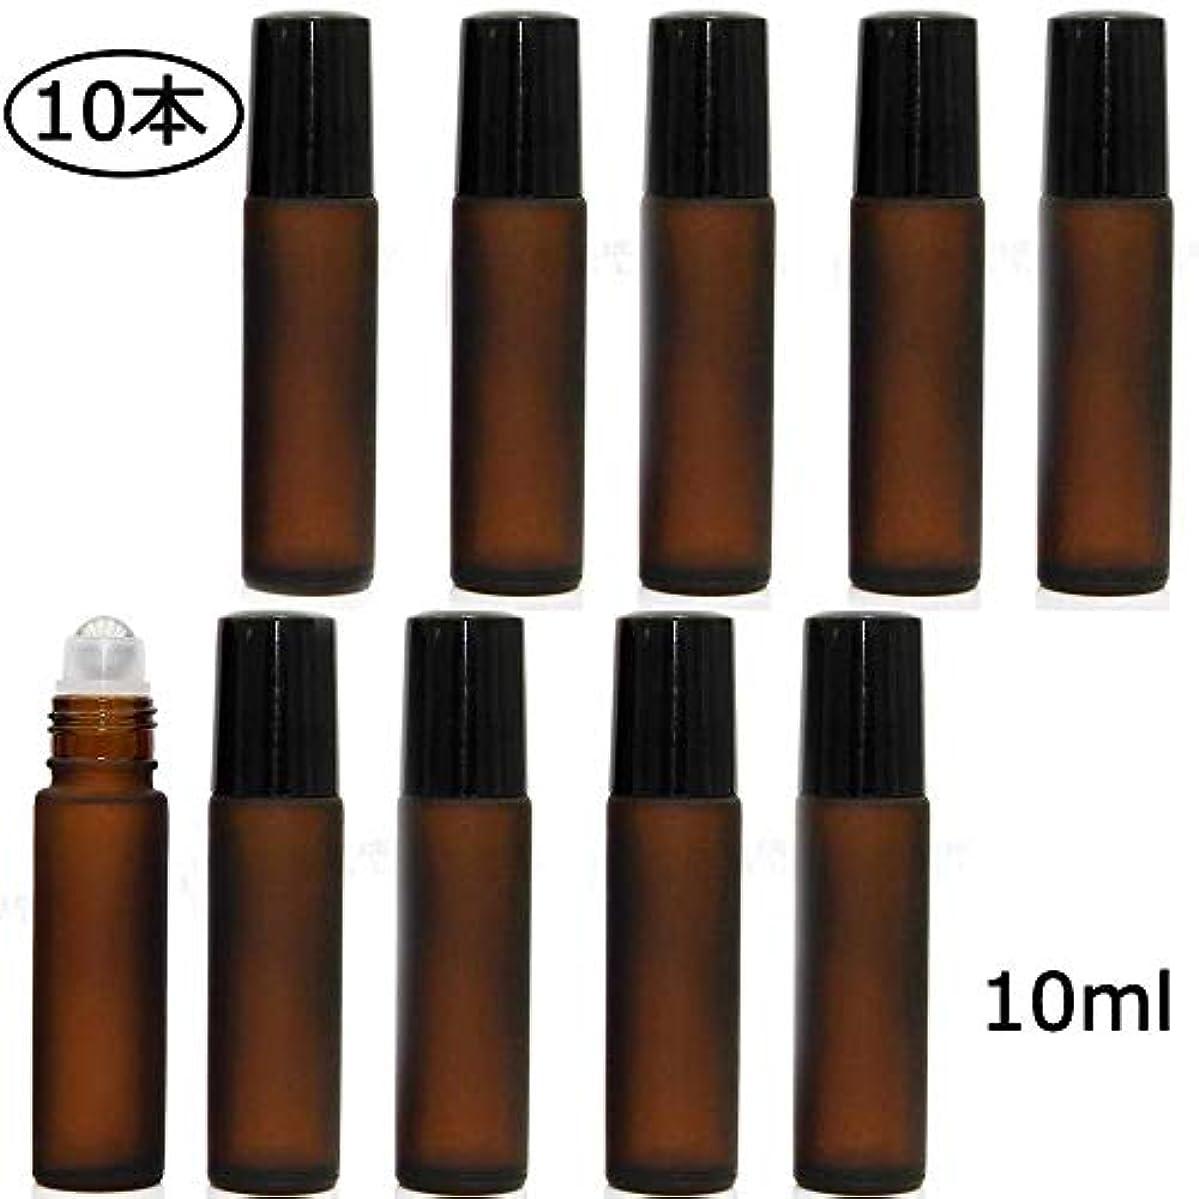 春獣発動機gundoop ロールオンボトル アロマオイル 精油 小分け用 遮光瓶 10ml 10本セット ガラスロールタイプ (茶色)